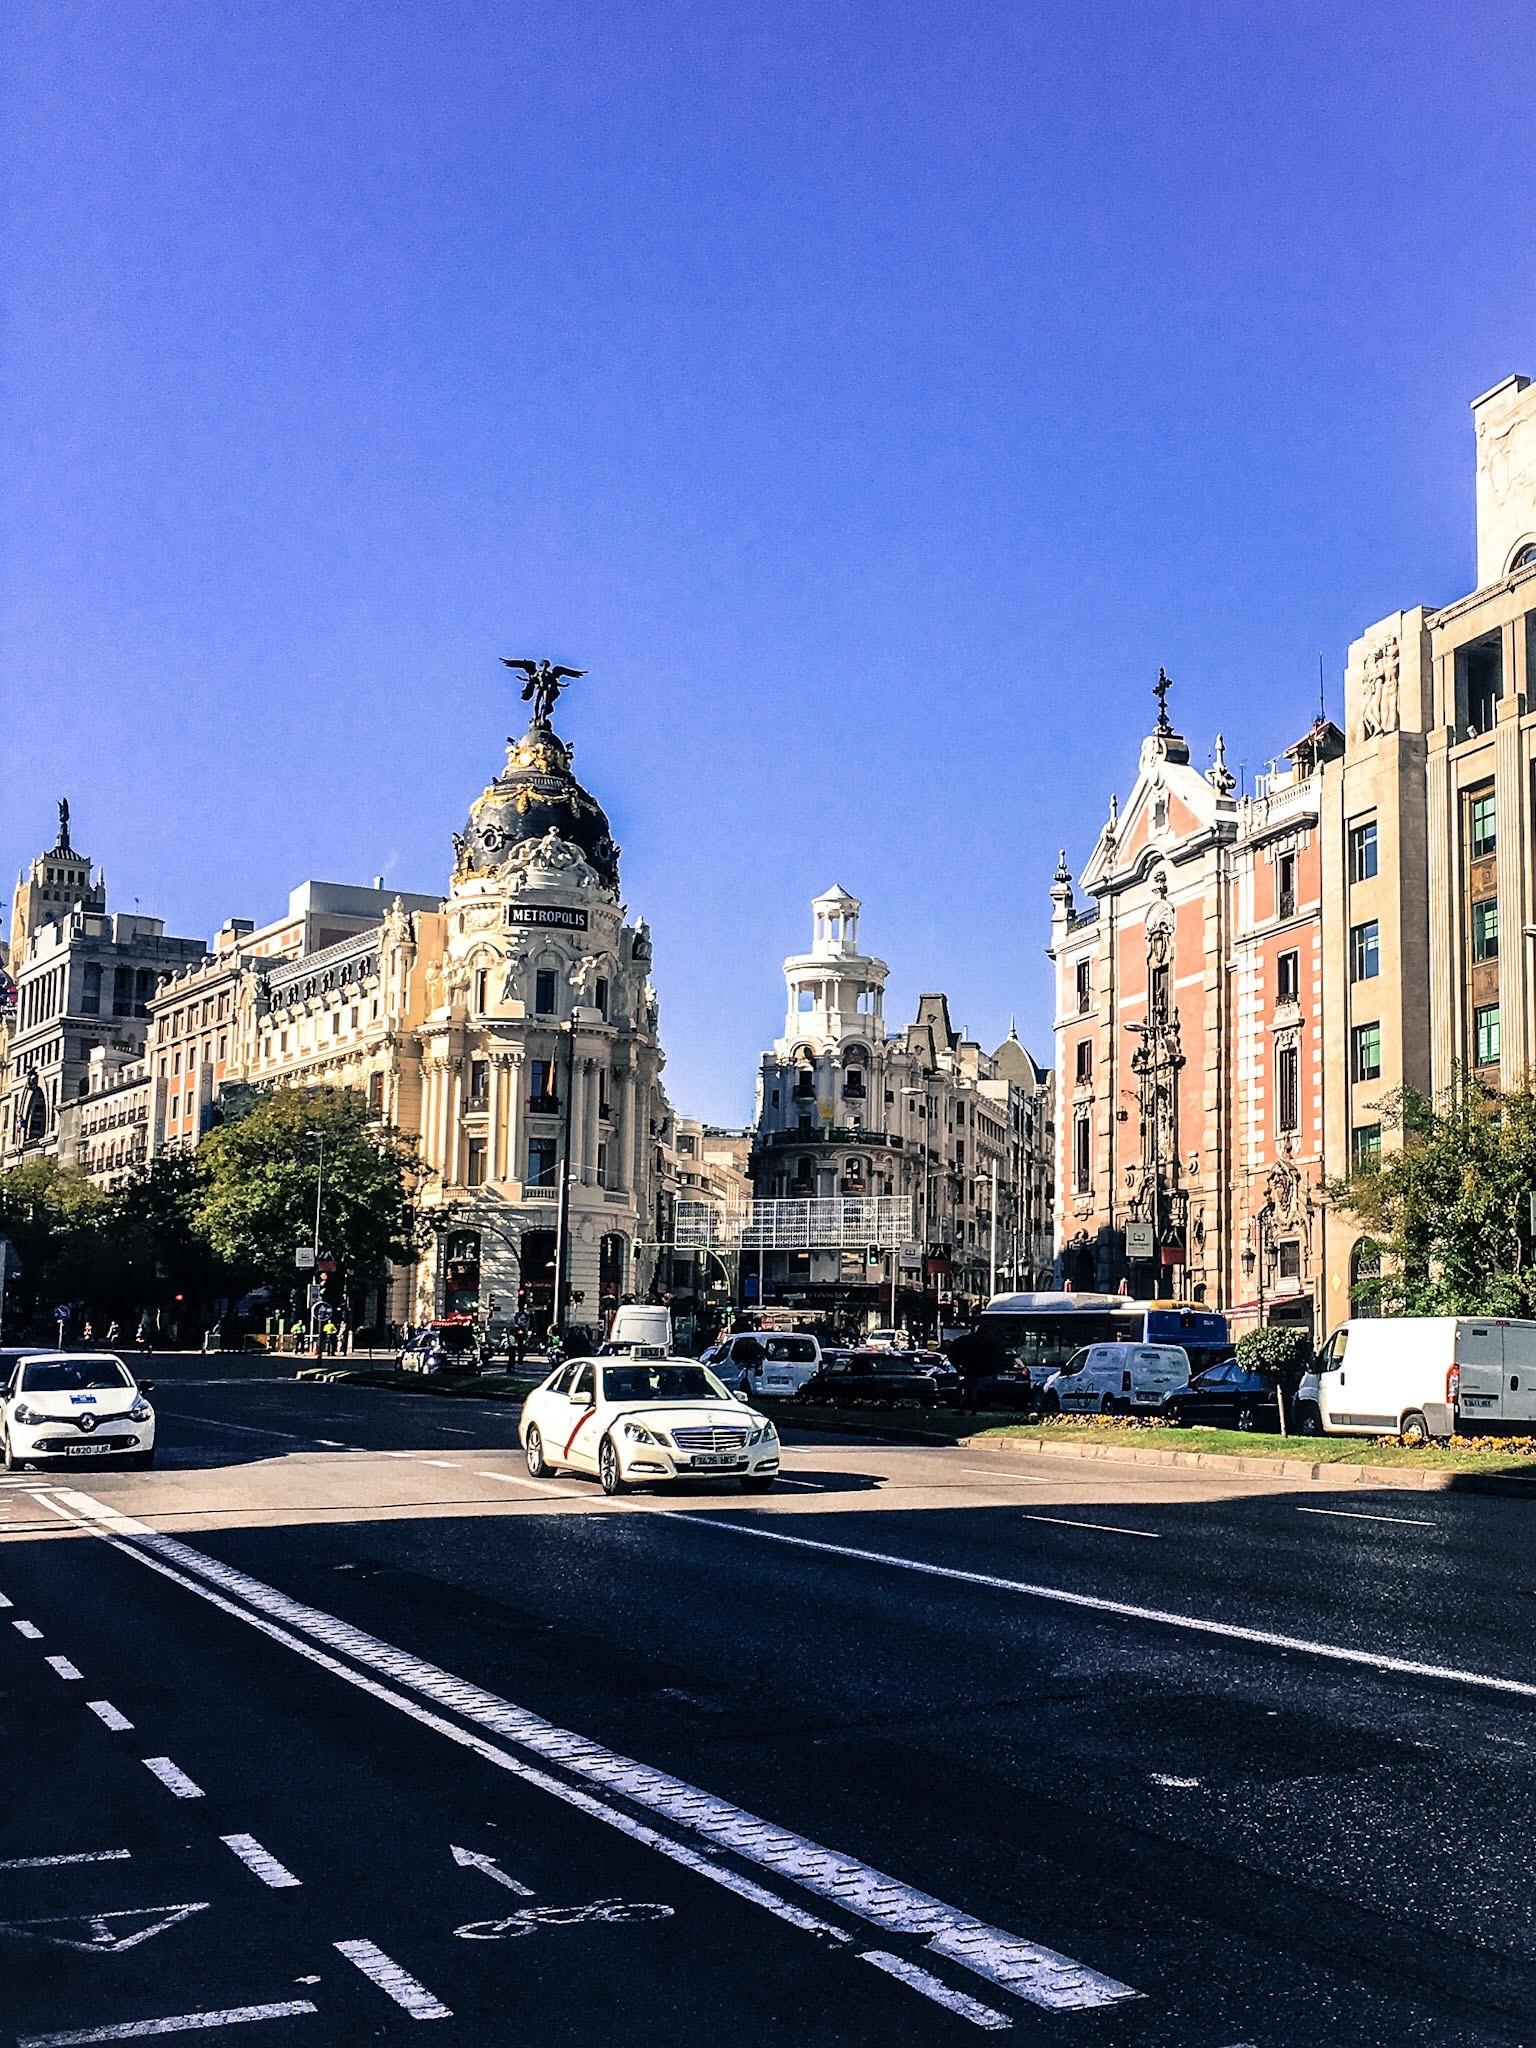 Semplicemente innamorata di Madrid